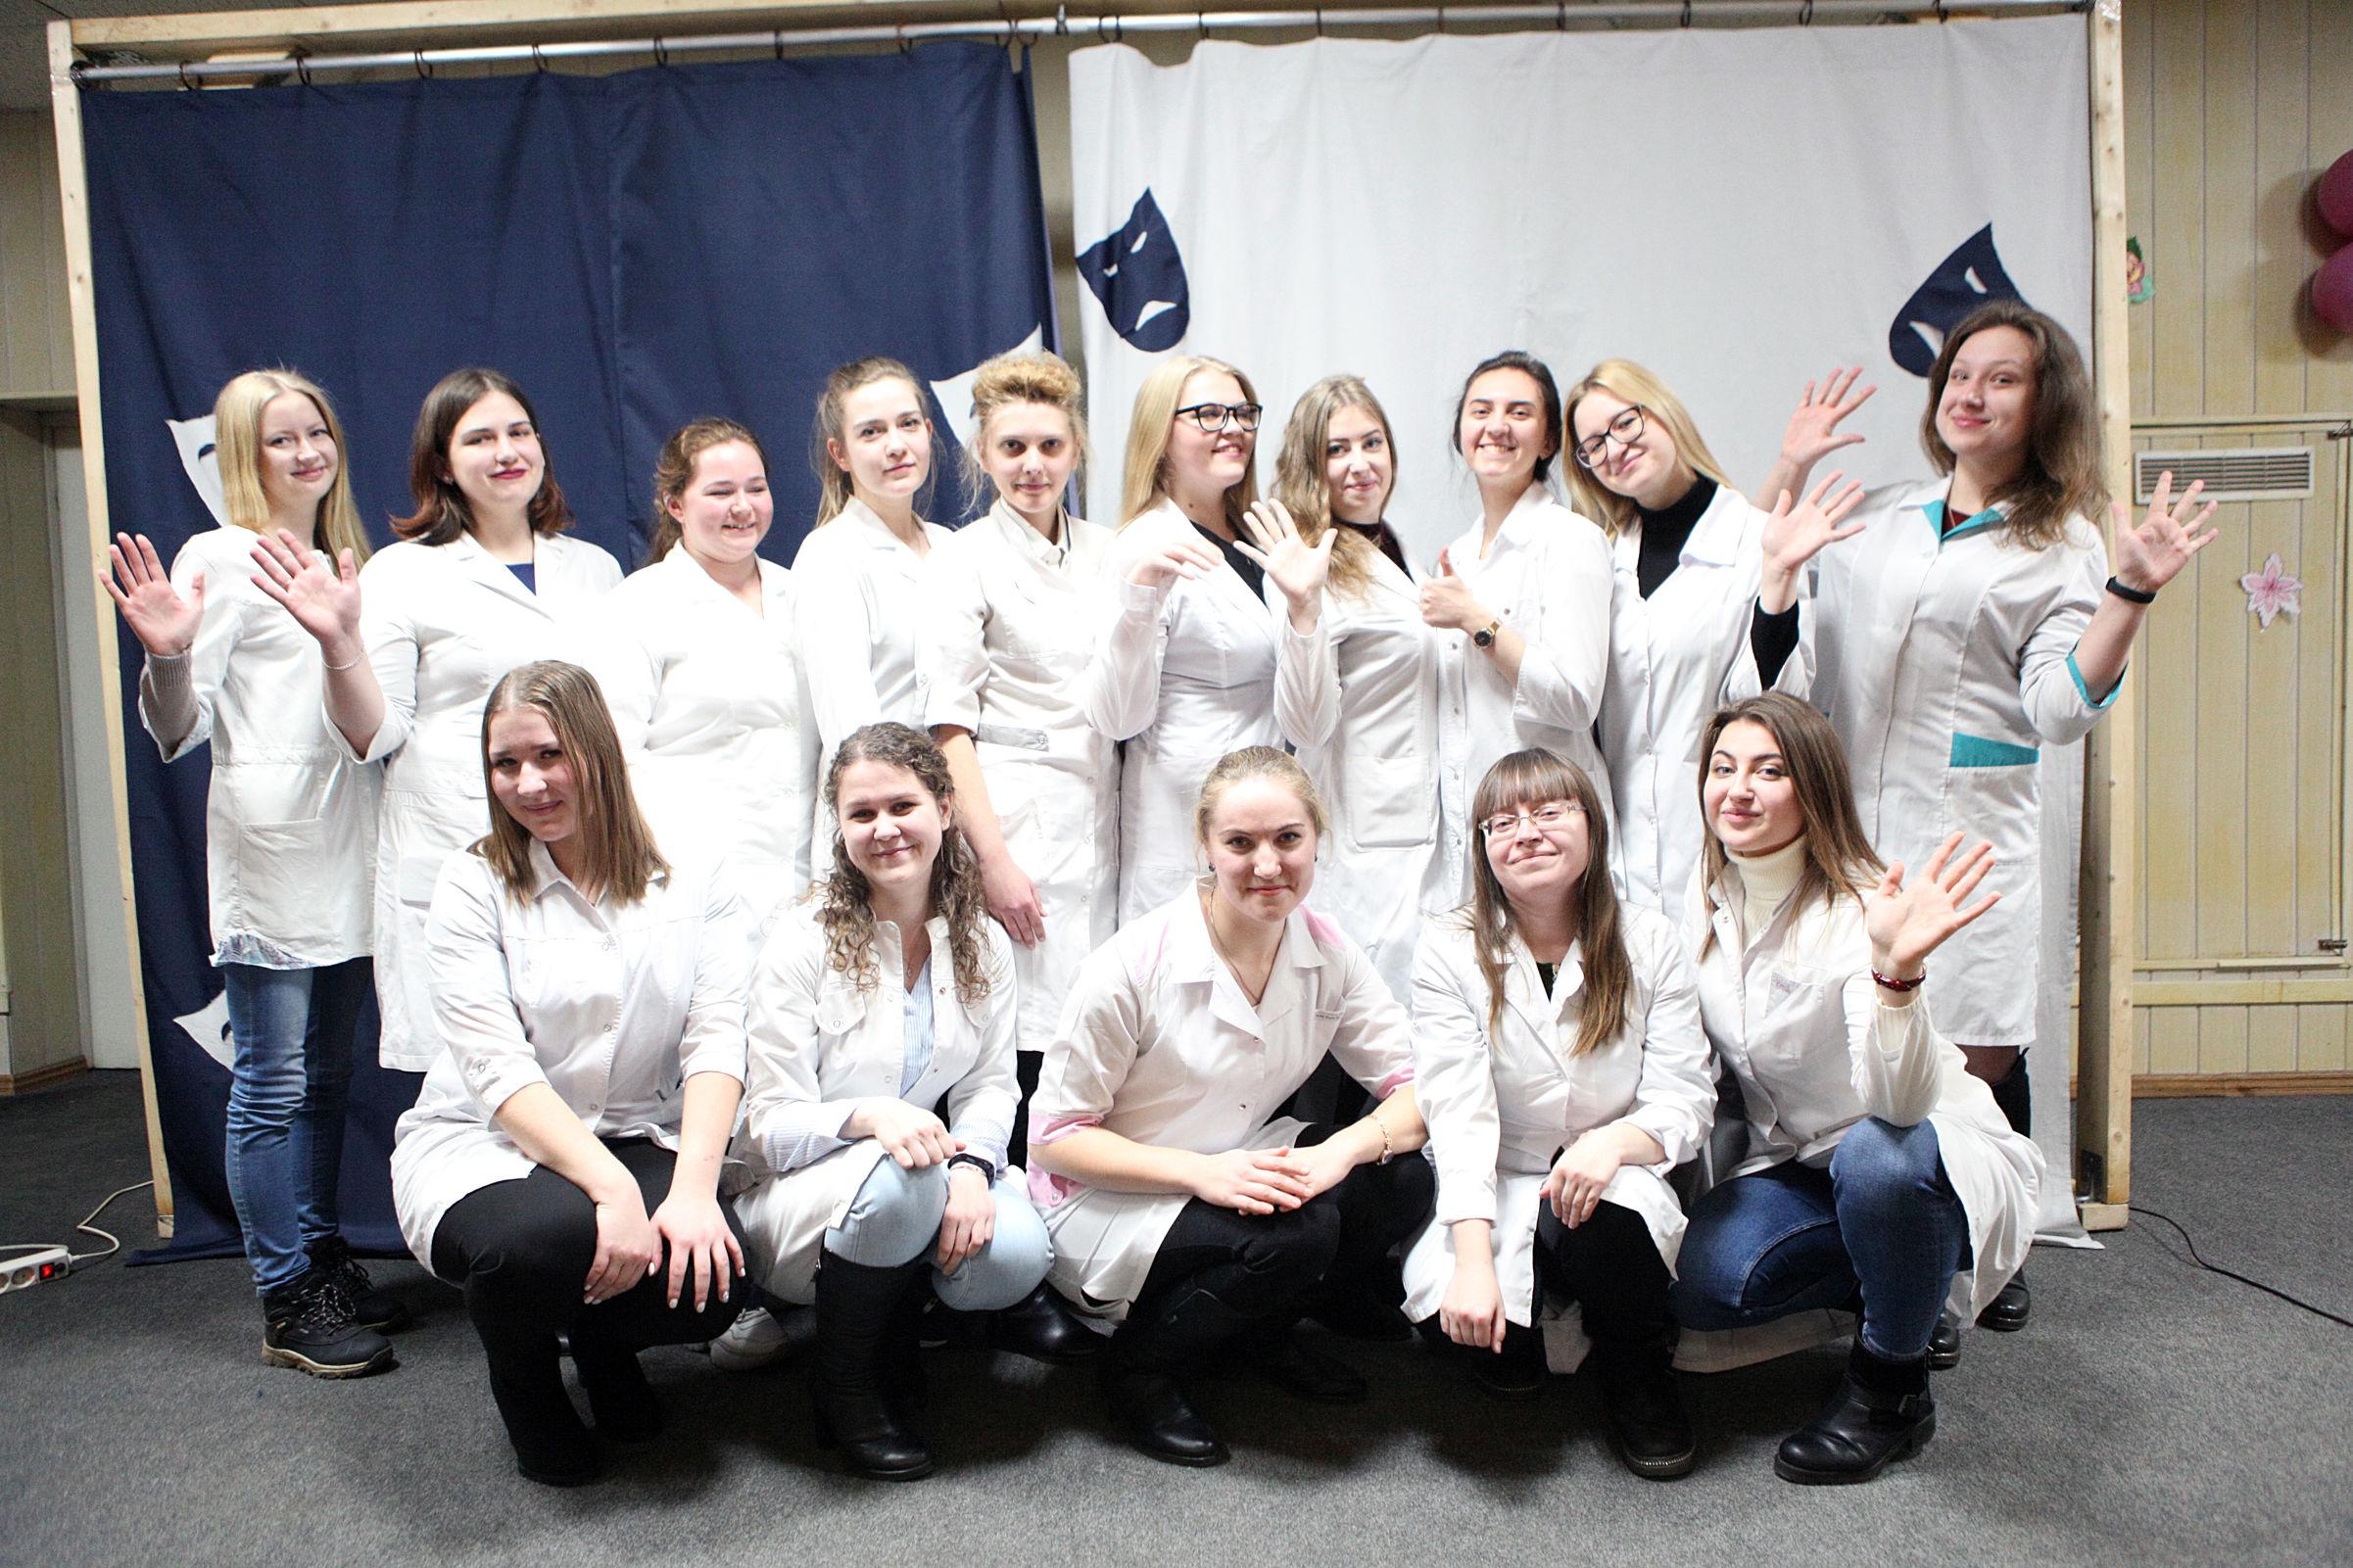 Более 20 молодых специалистов пришли работать на станцию скорой помощи в Ярославле